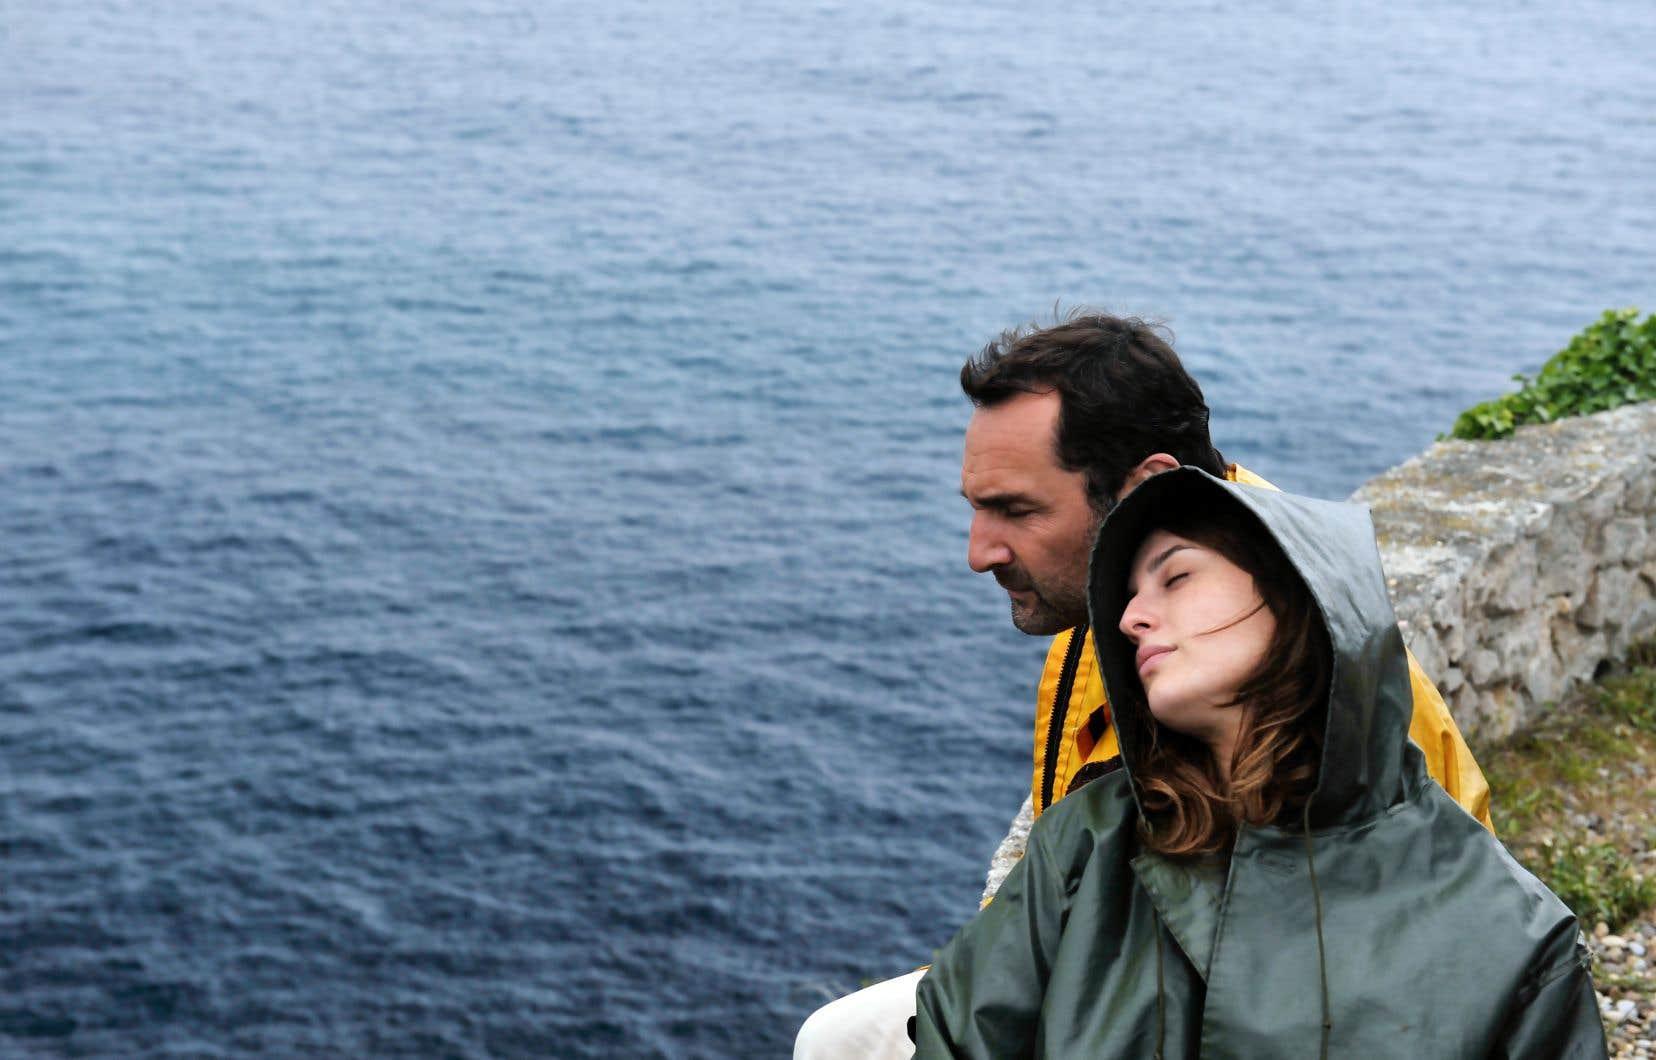 Raconté du point de vue de César, le film multiplie dans un premier temps les séquences impressionnistes évoquant un amour vaporeux.